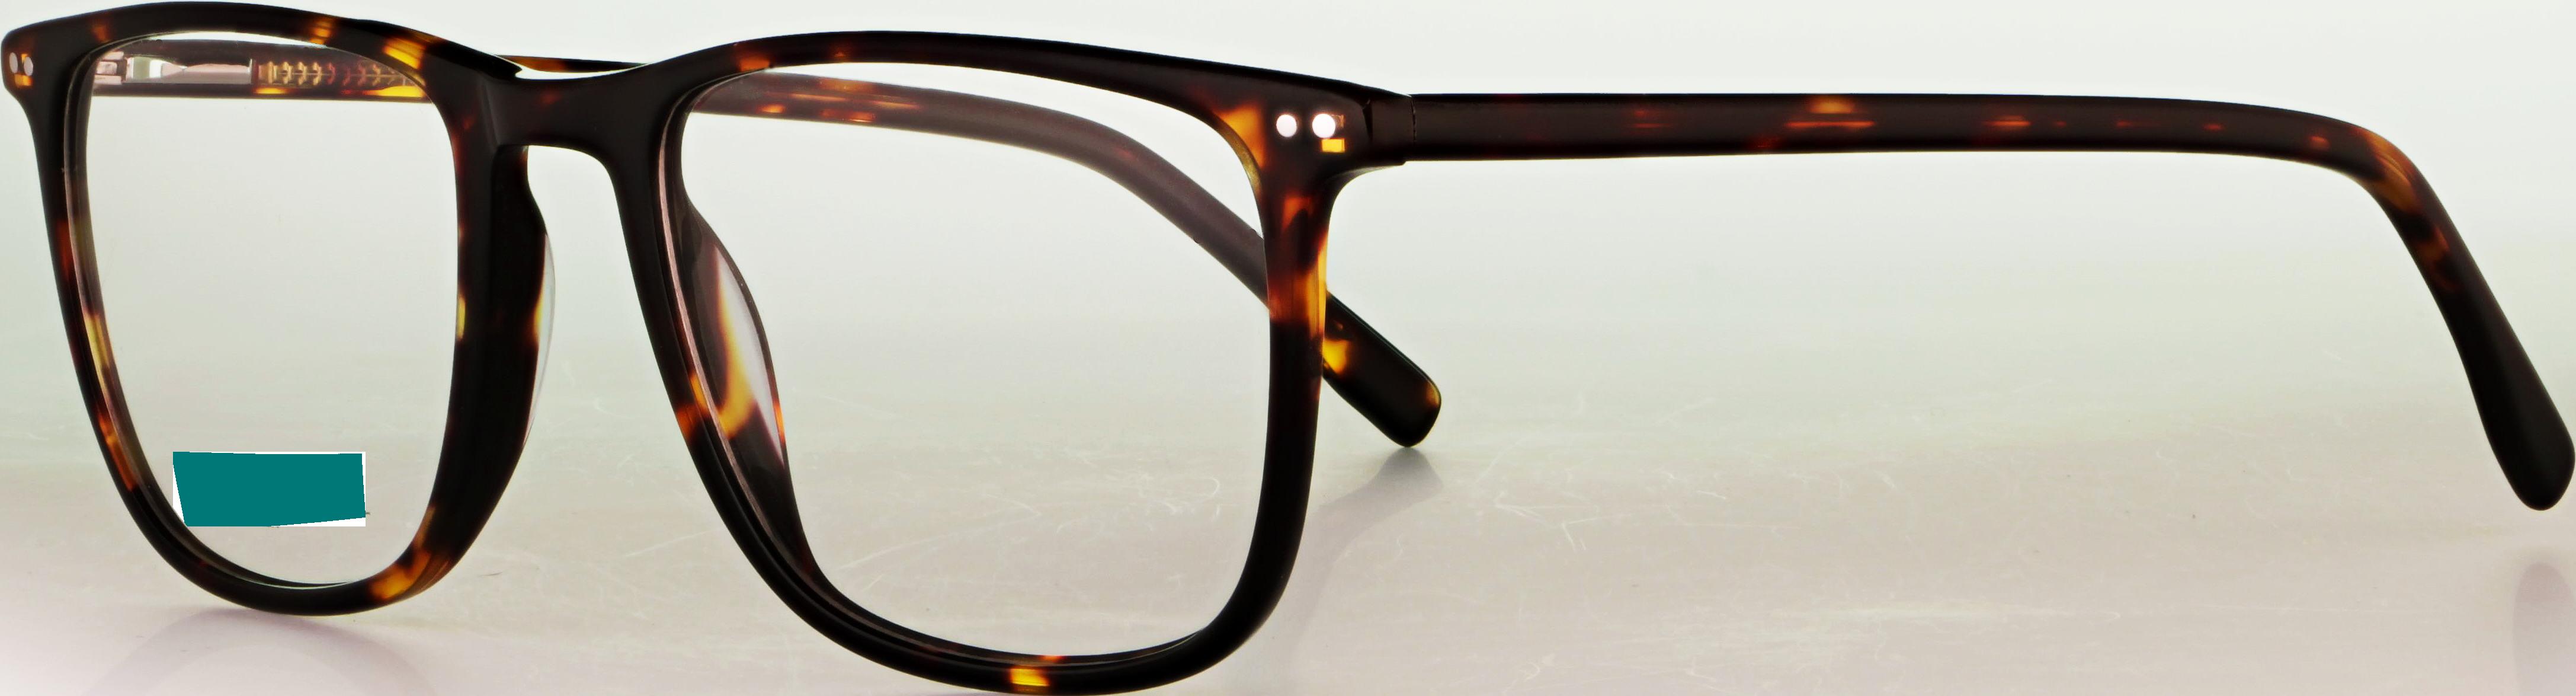 abele optik Brille 141511